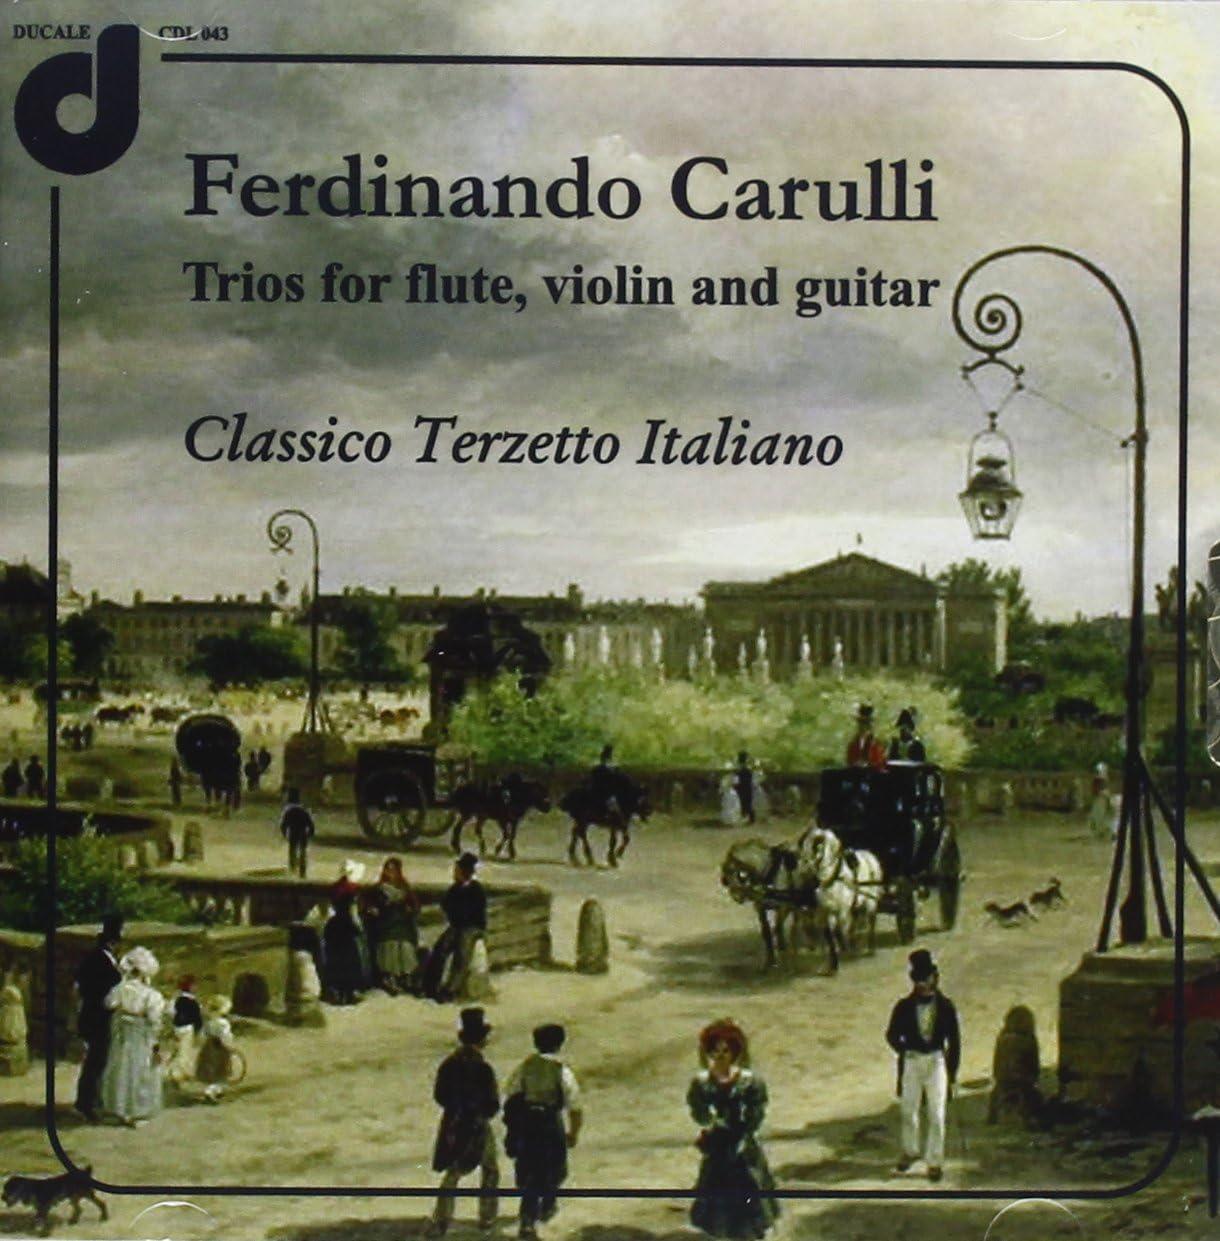 Trii Per Flauto, Violino E Chitarra: Classico Terzetto Italiano: Amazon.it:  Musica